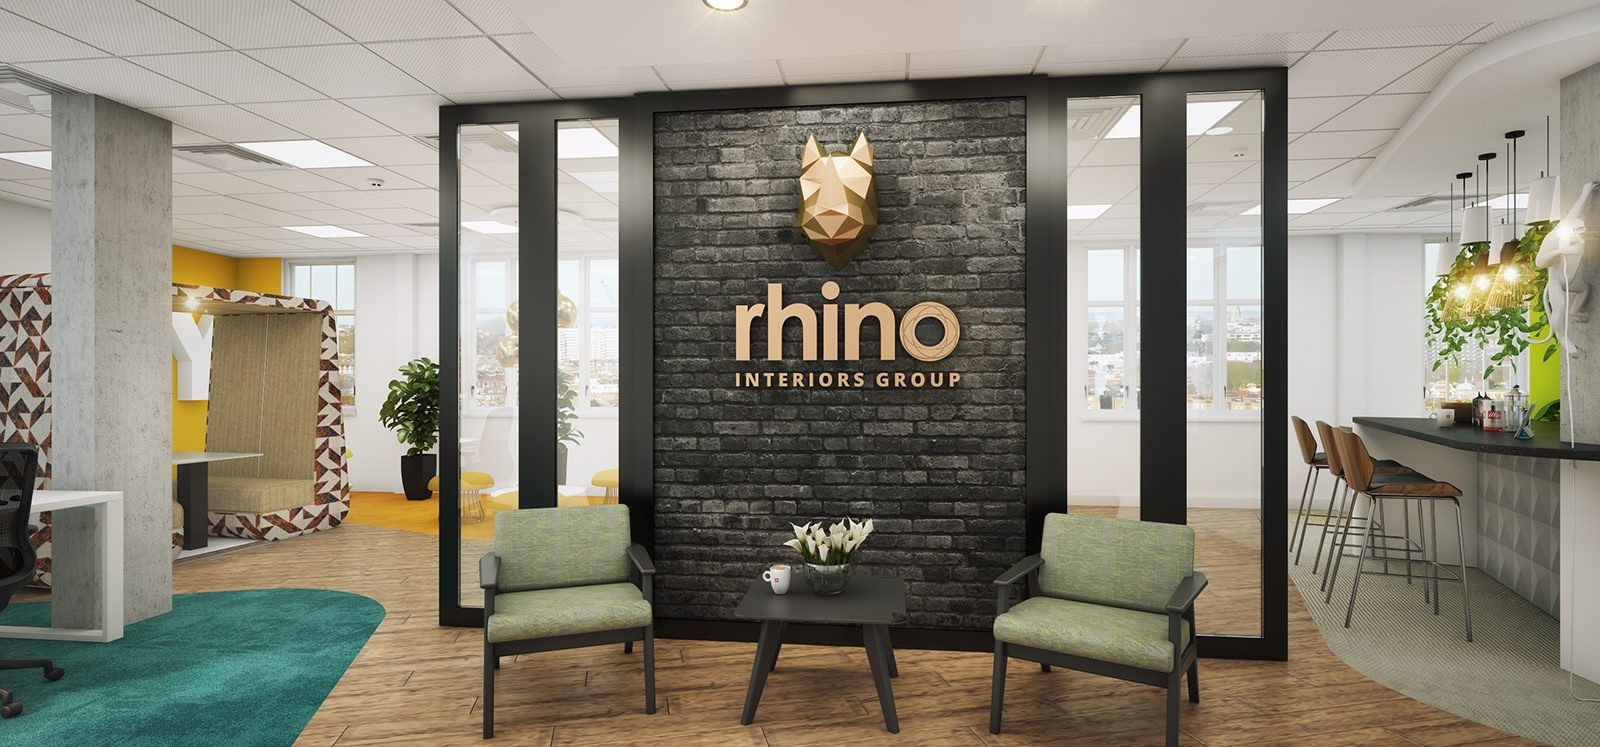 Rhino Interiors Group